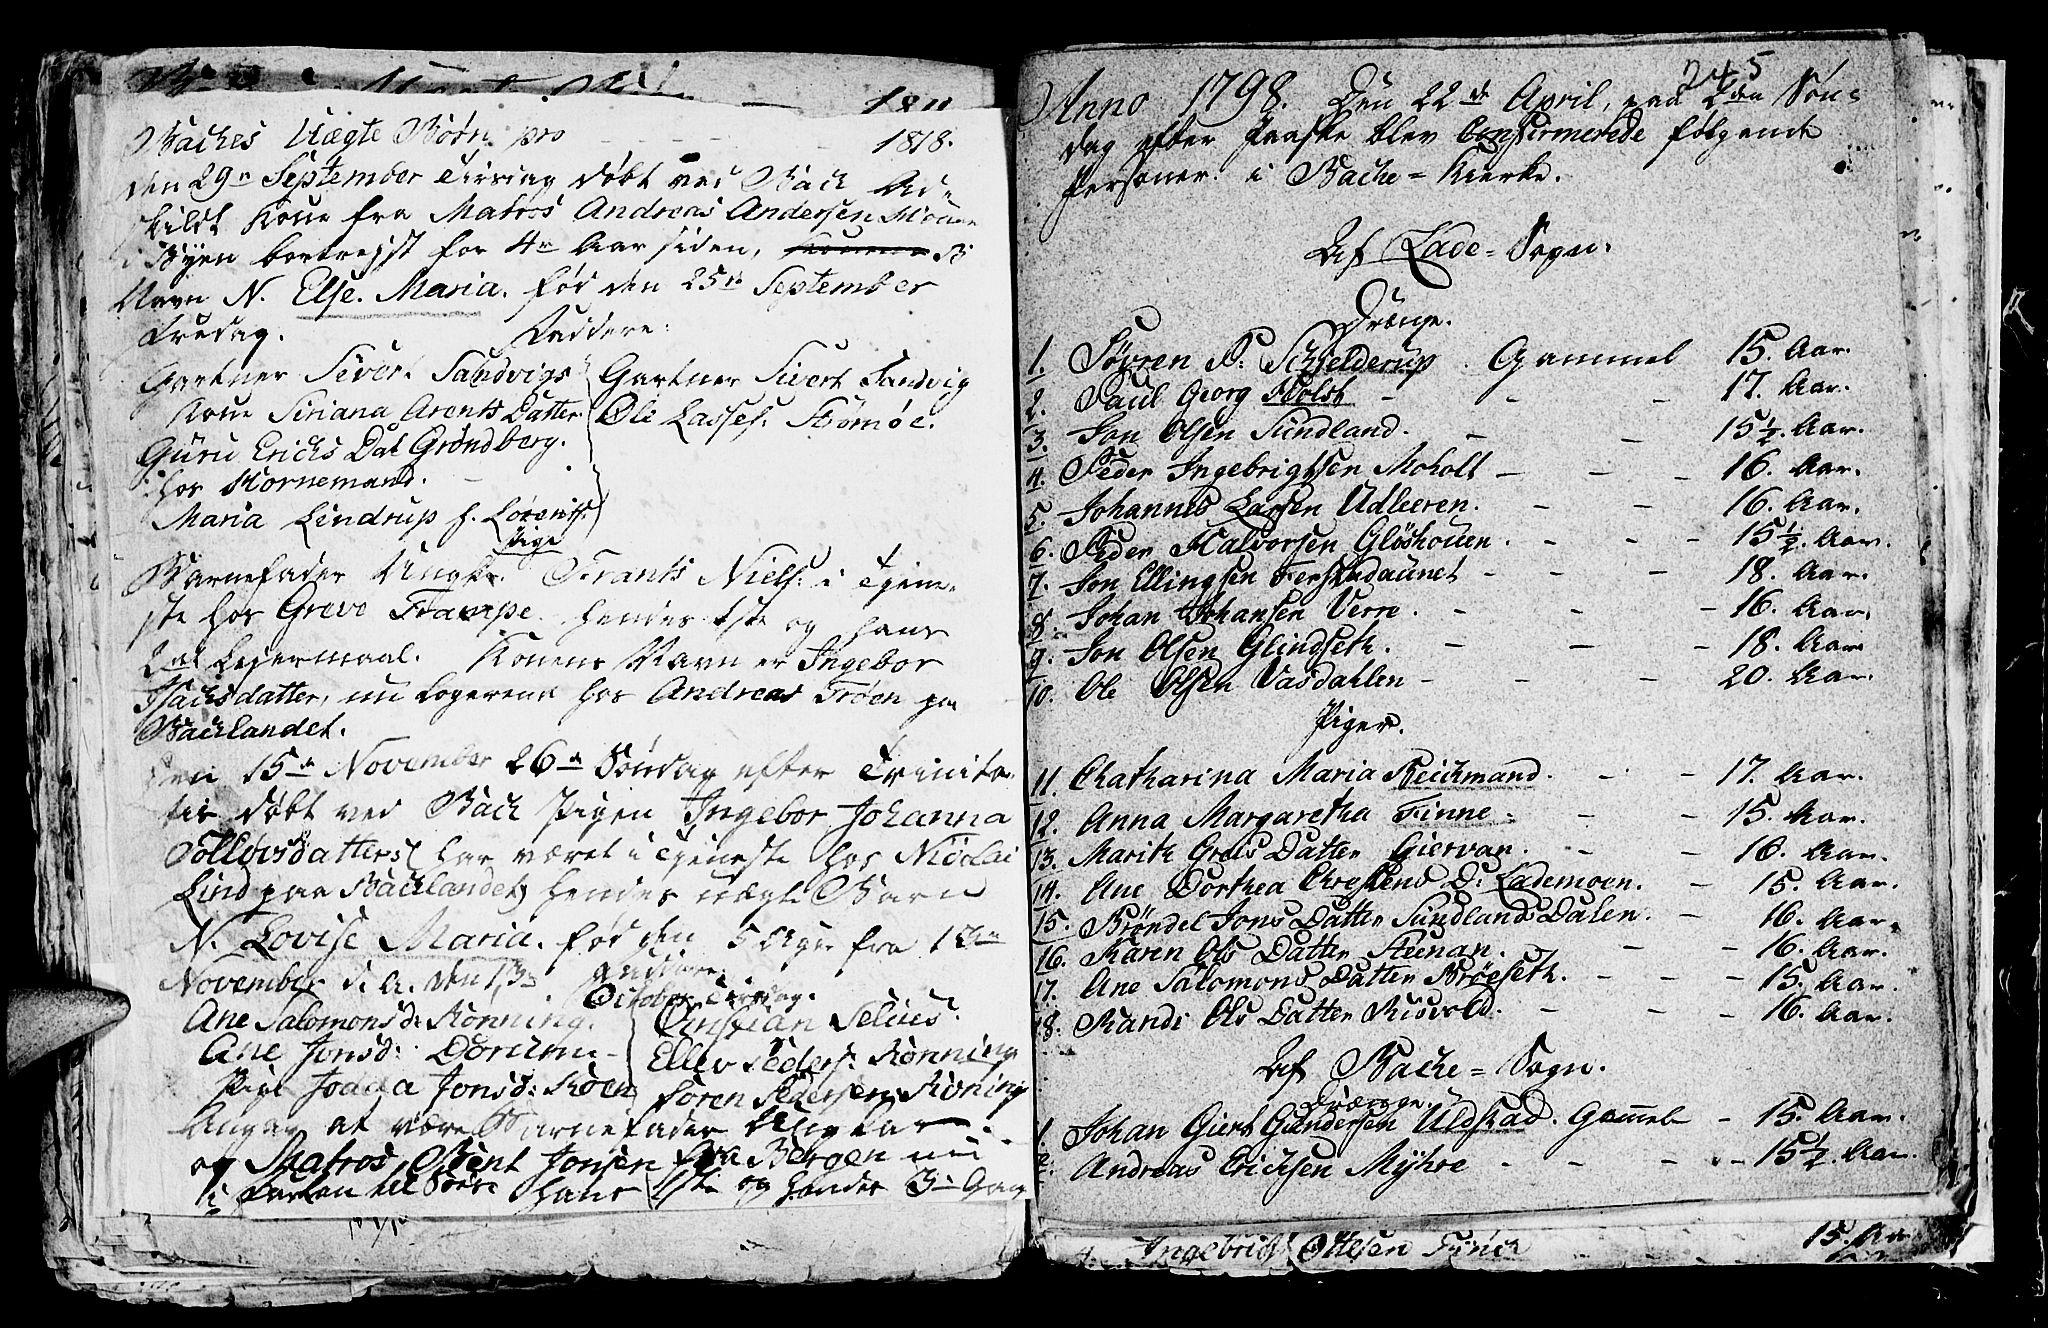 SAT, Ministerialprotokoller, klokkerbøker og fødselsregistre - Sør-Trøndelag, 604/L0218: Klokkerbok nr. 604C01, 1754-1819, s. 245